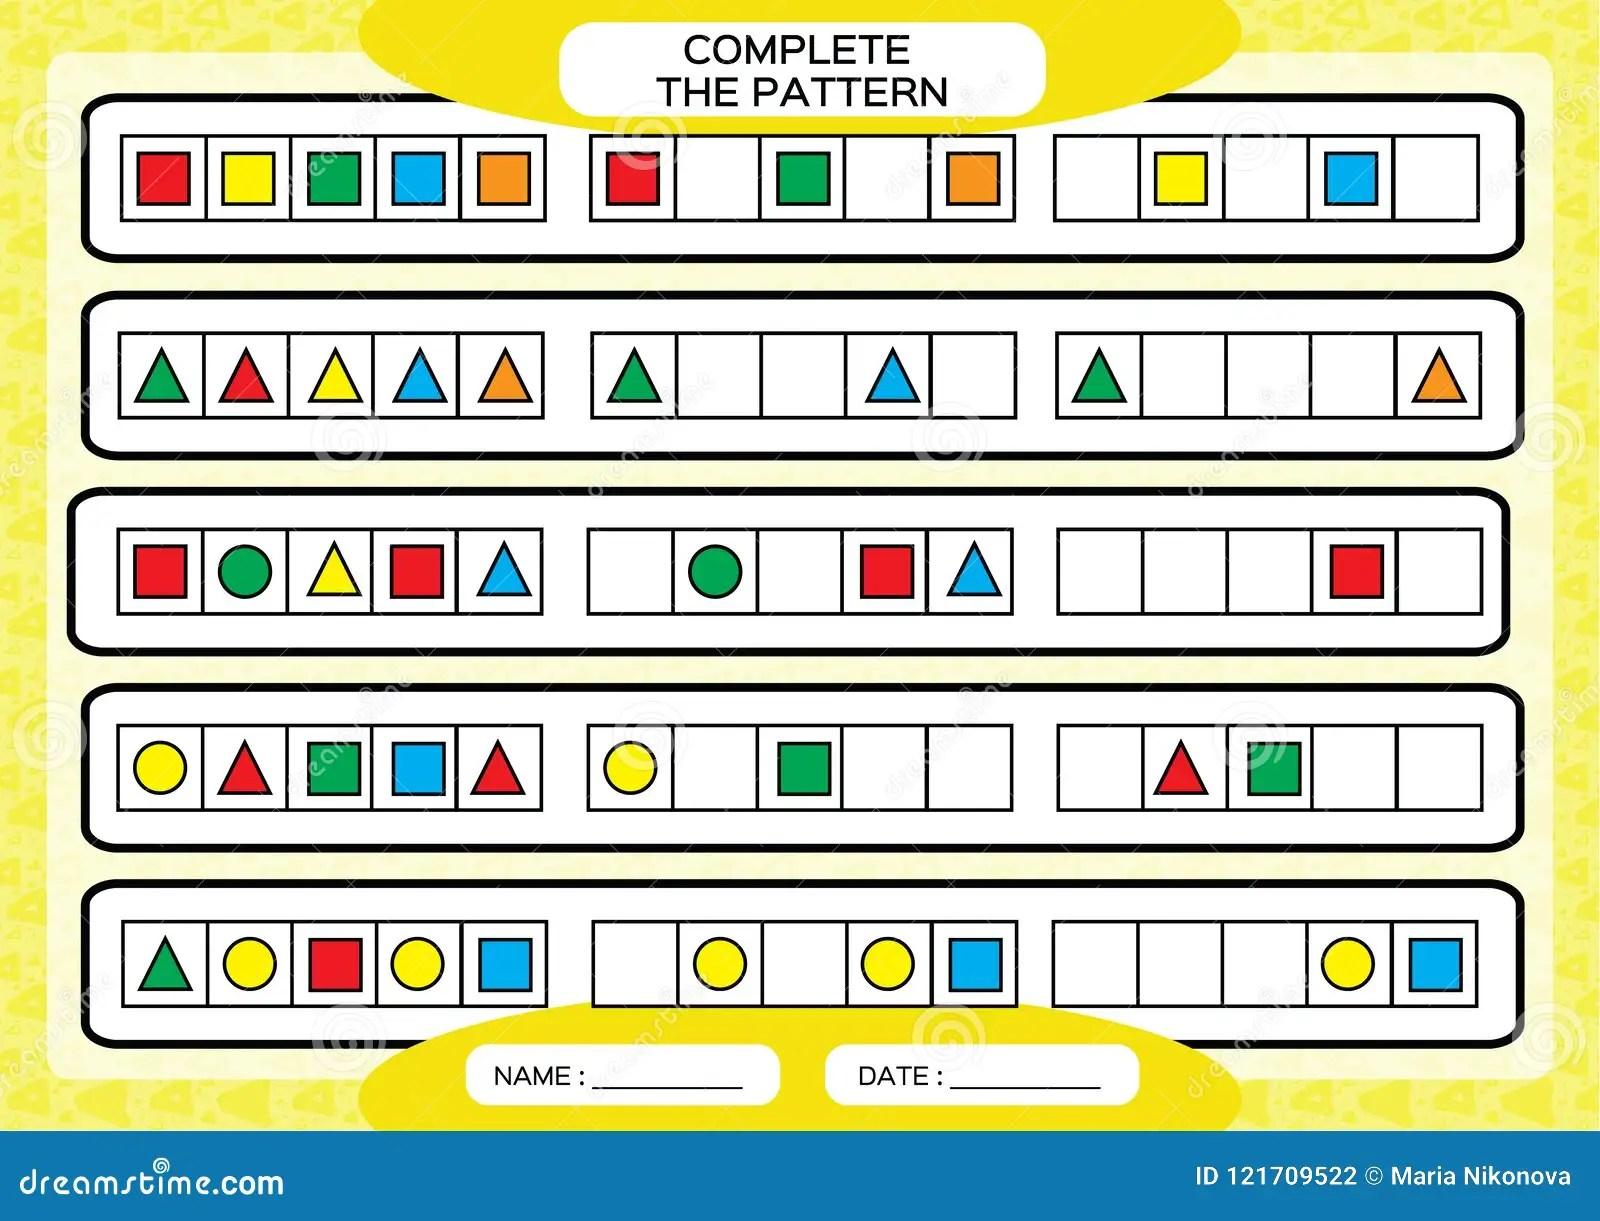 Repeating Patterns Worksheet Algebra